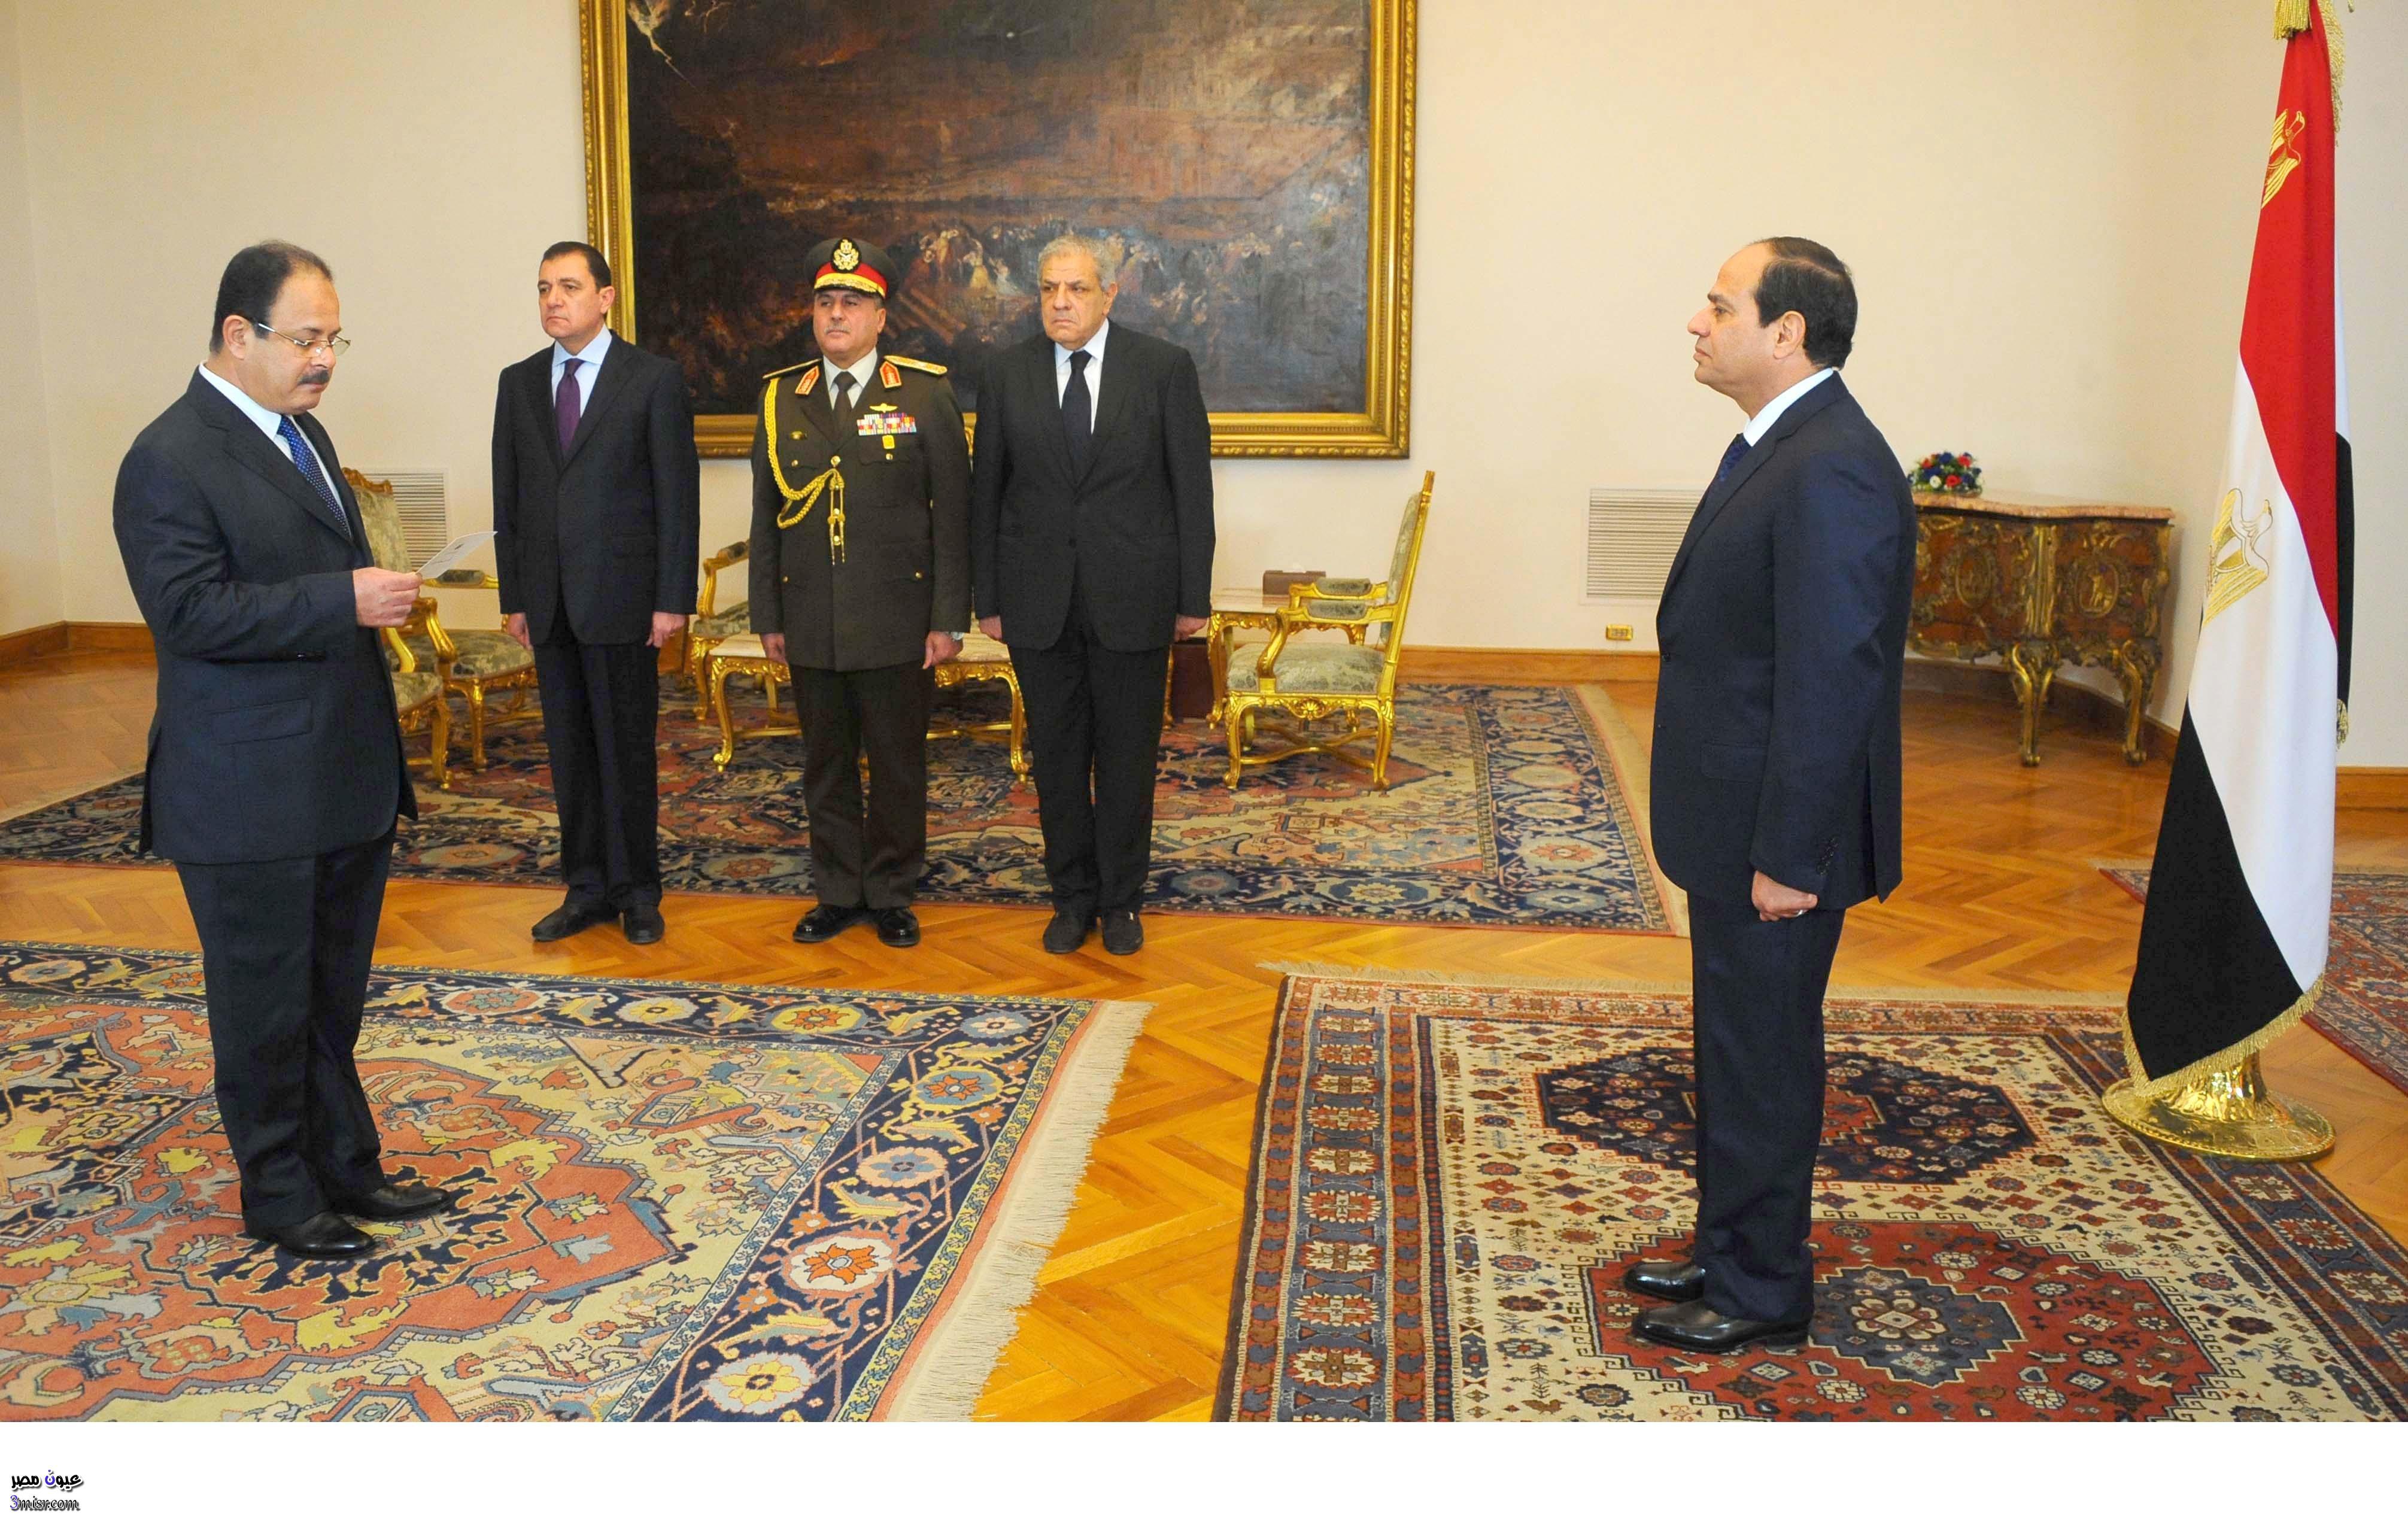 اللواء مجدي عبد الغفار وزير الداخلية الجديد